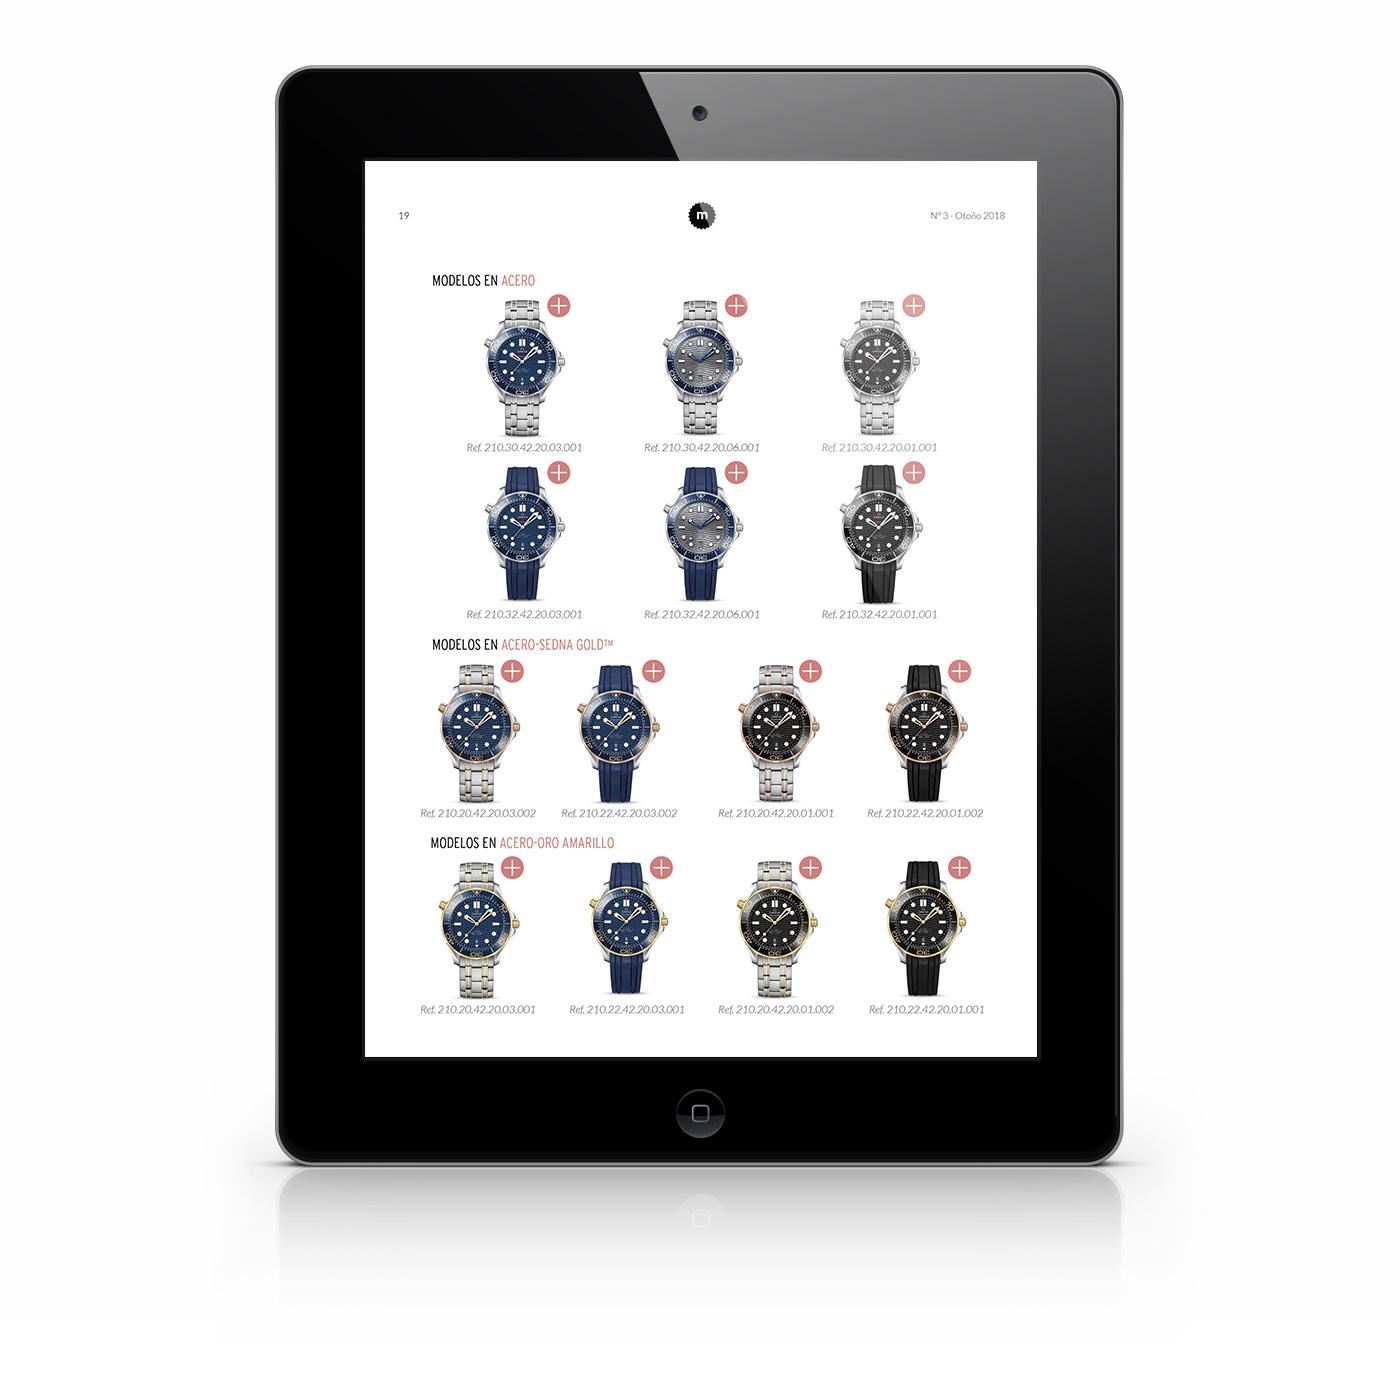 revista-digital-rellotge